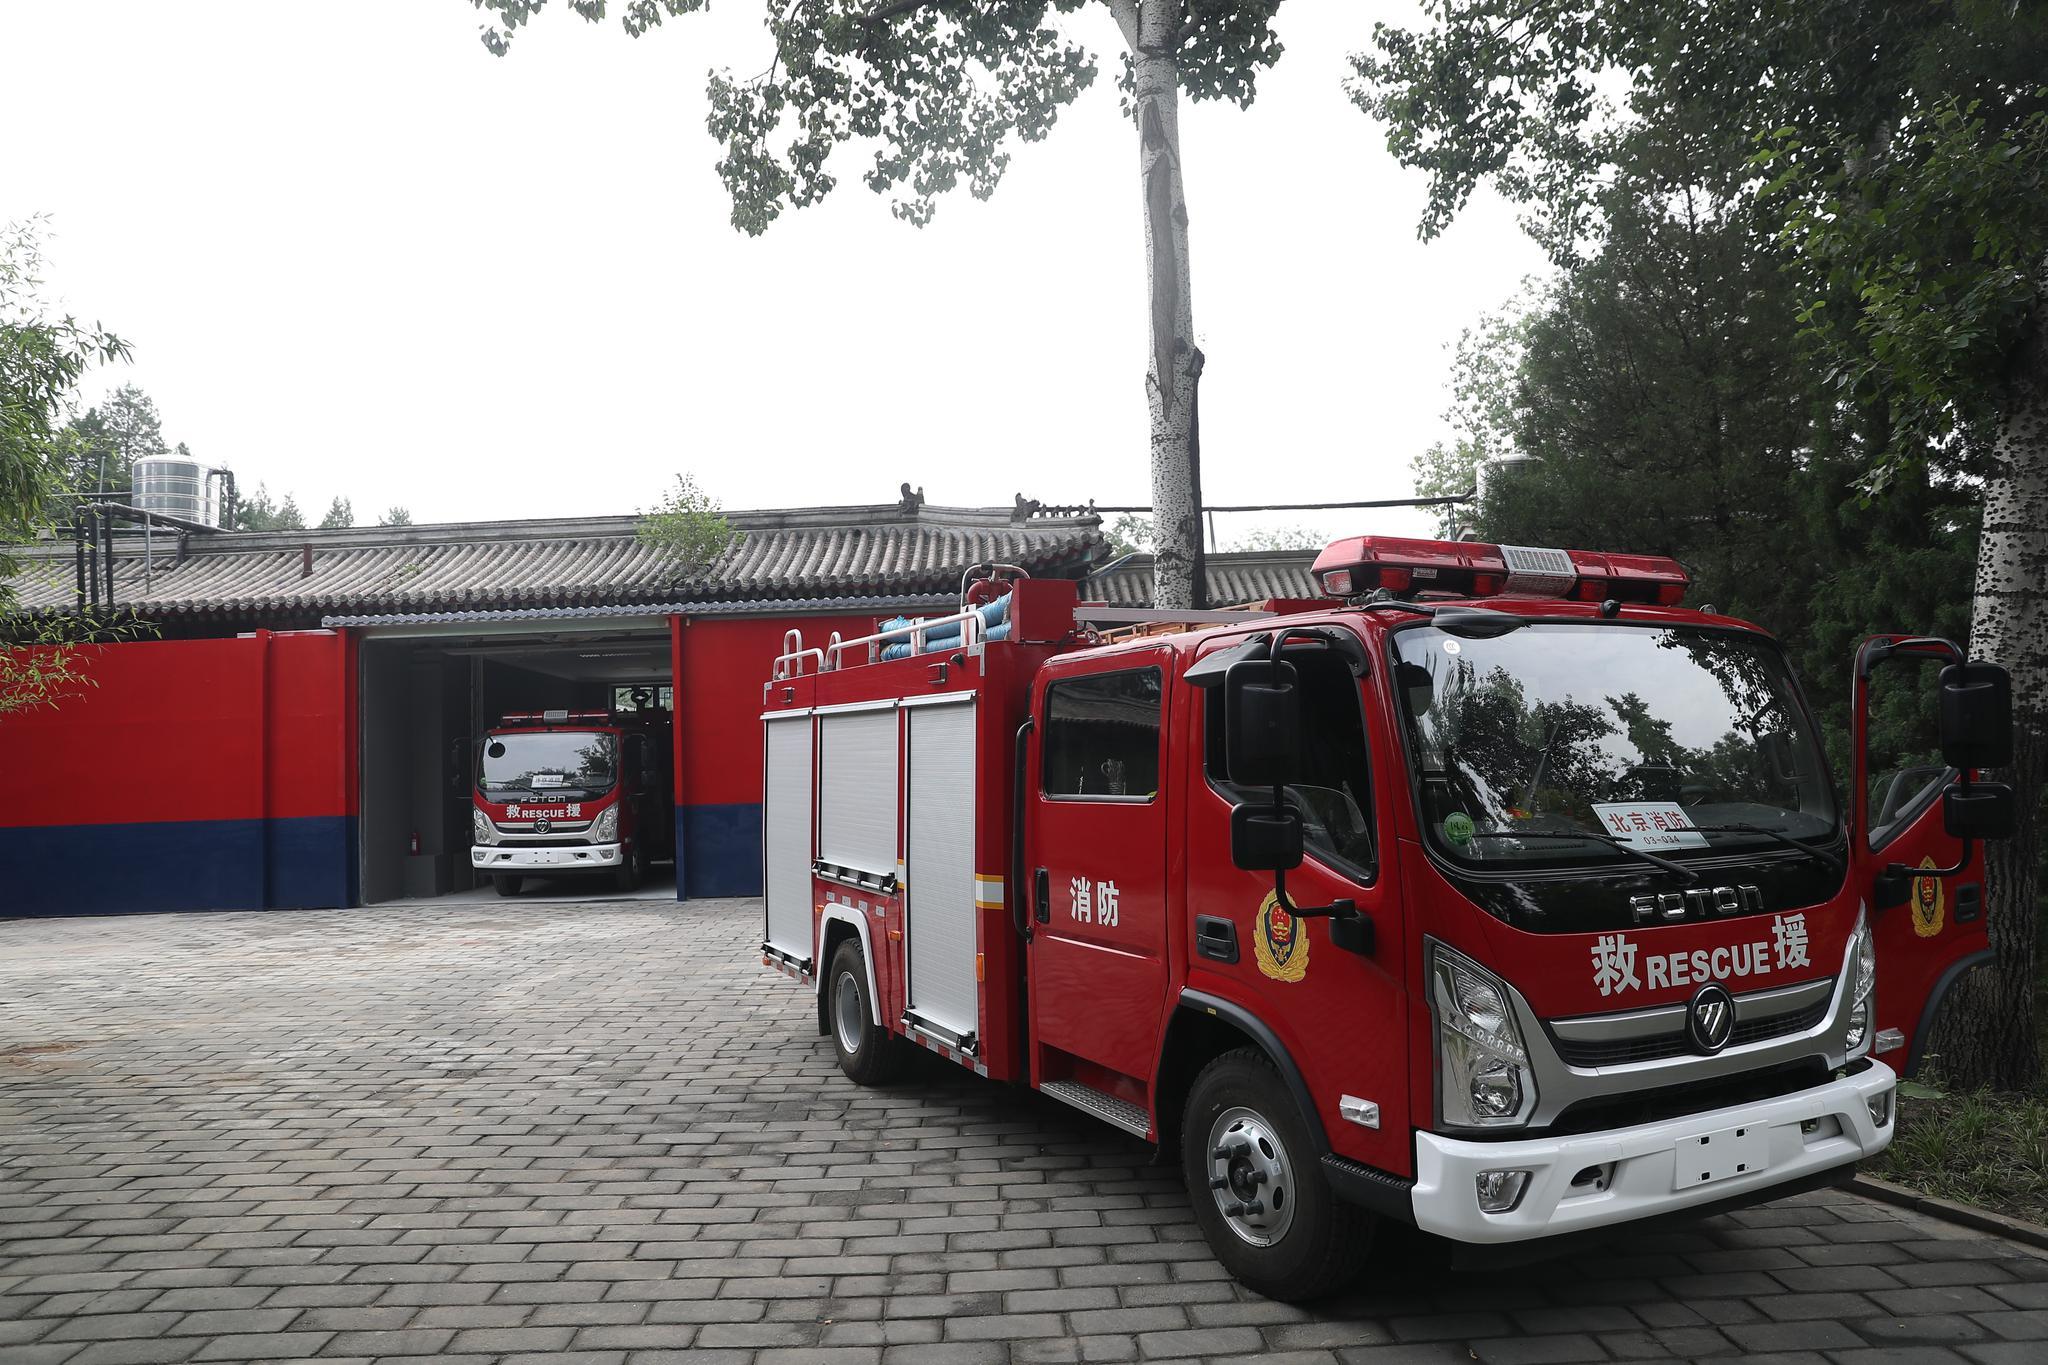 继故宫、颐和园之后,日坛公园消防救援站揭牌